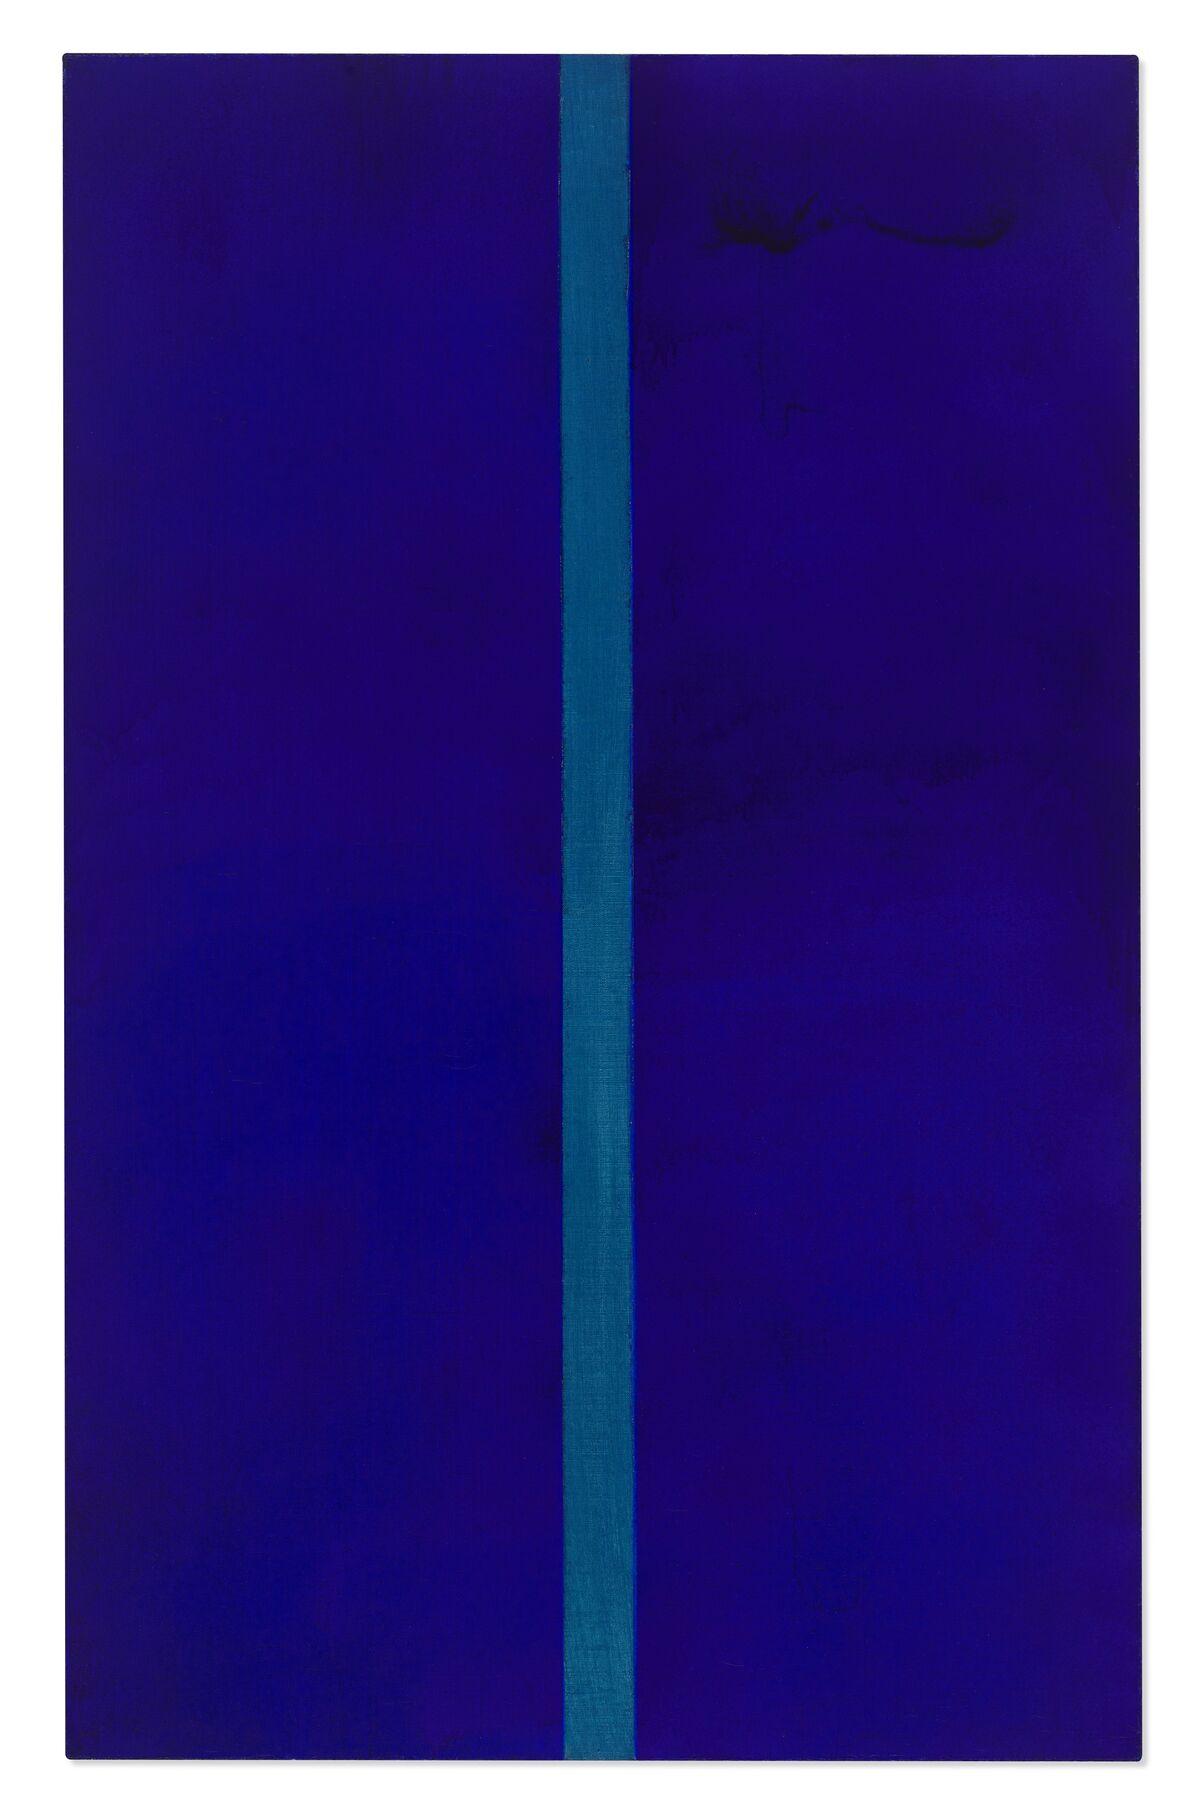 Barnett Newman, Onement V, 1952. Courtesy of Christie's.